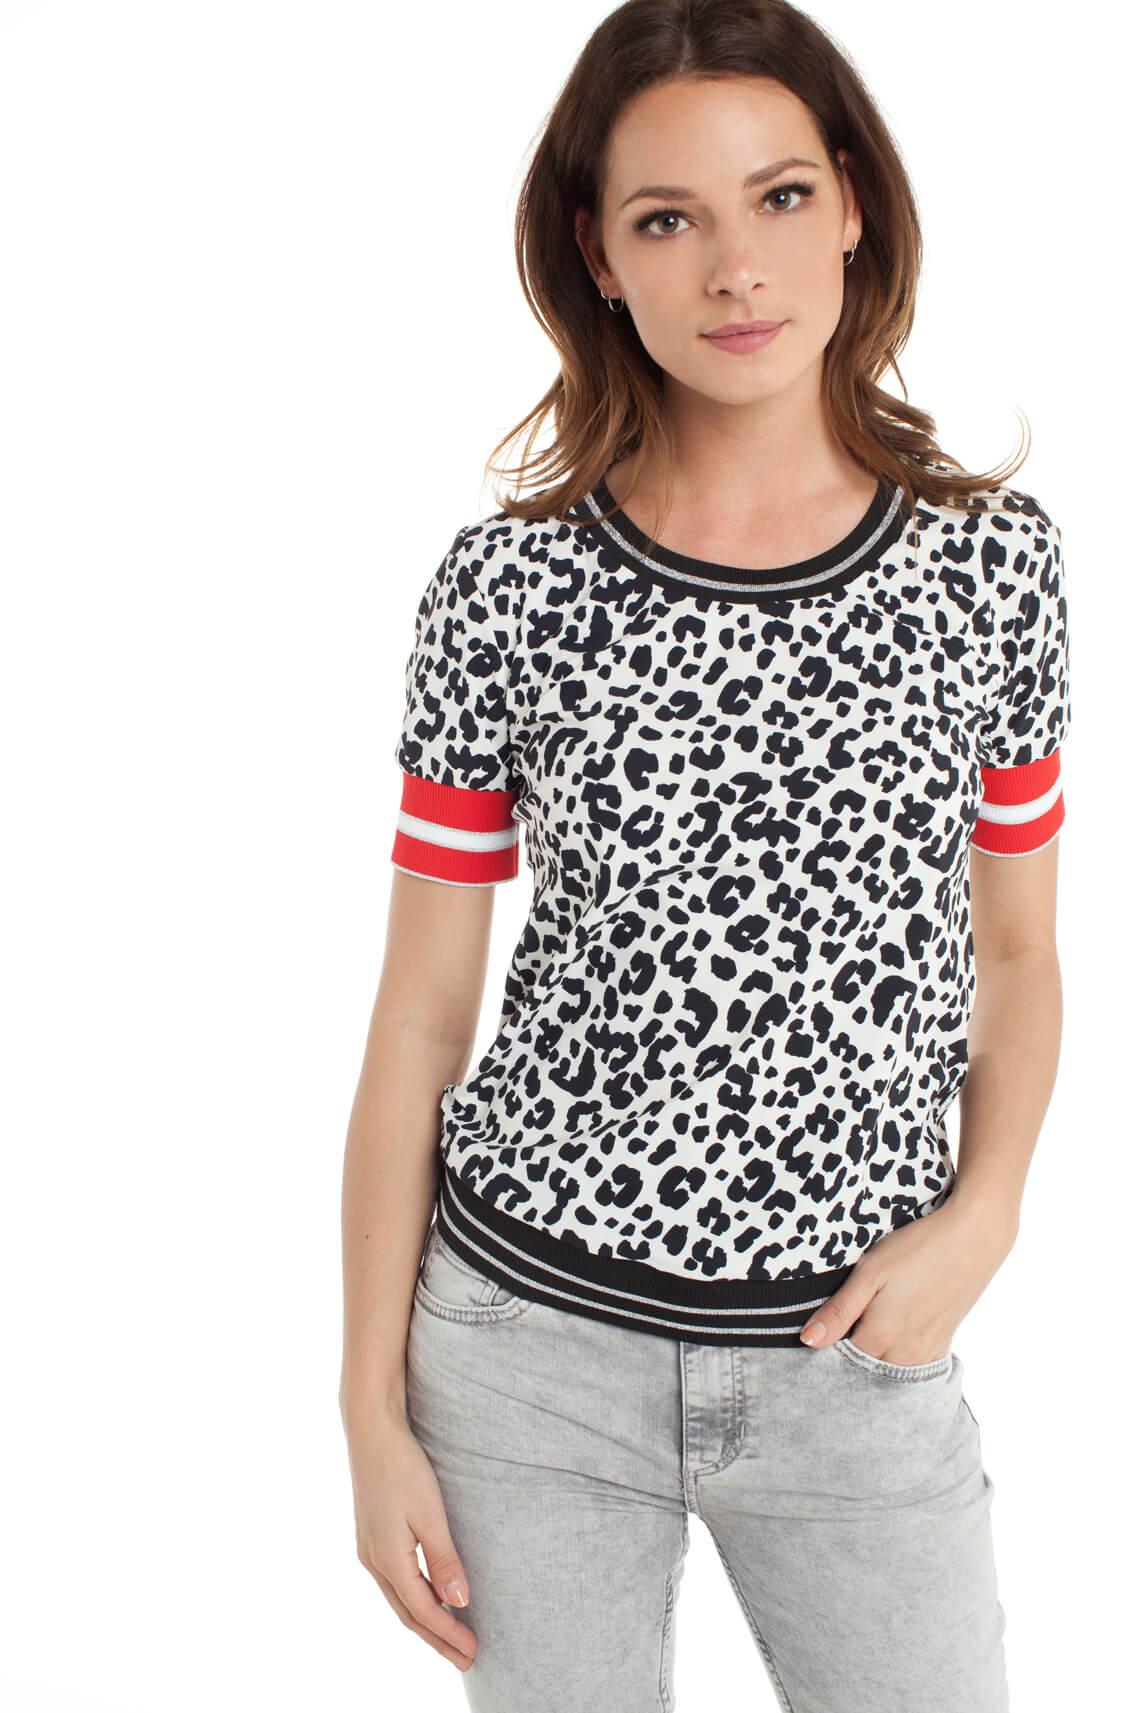 Jane Lushka Dames Shirt met panterprint zwart